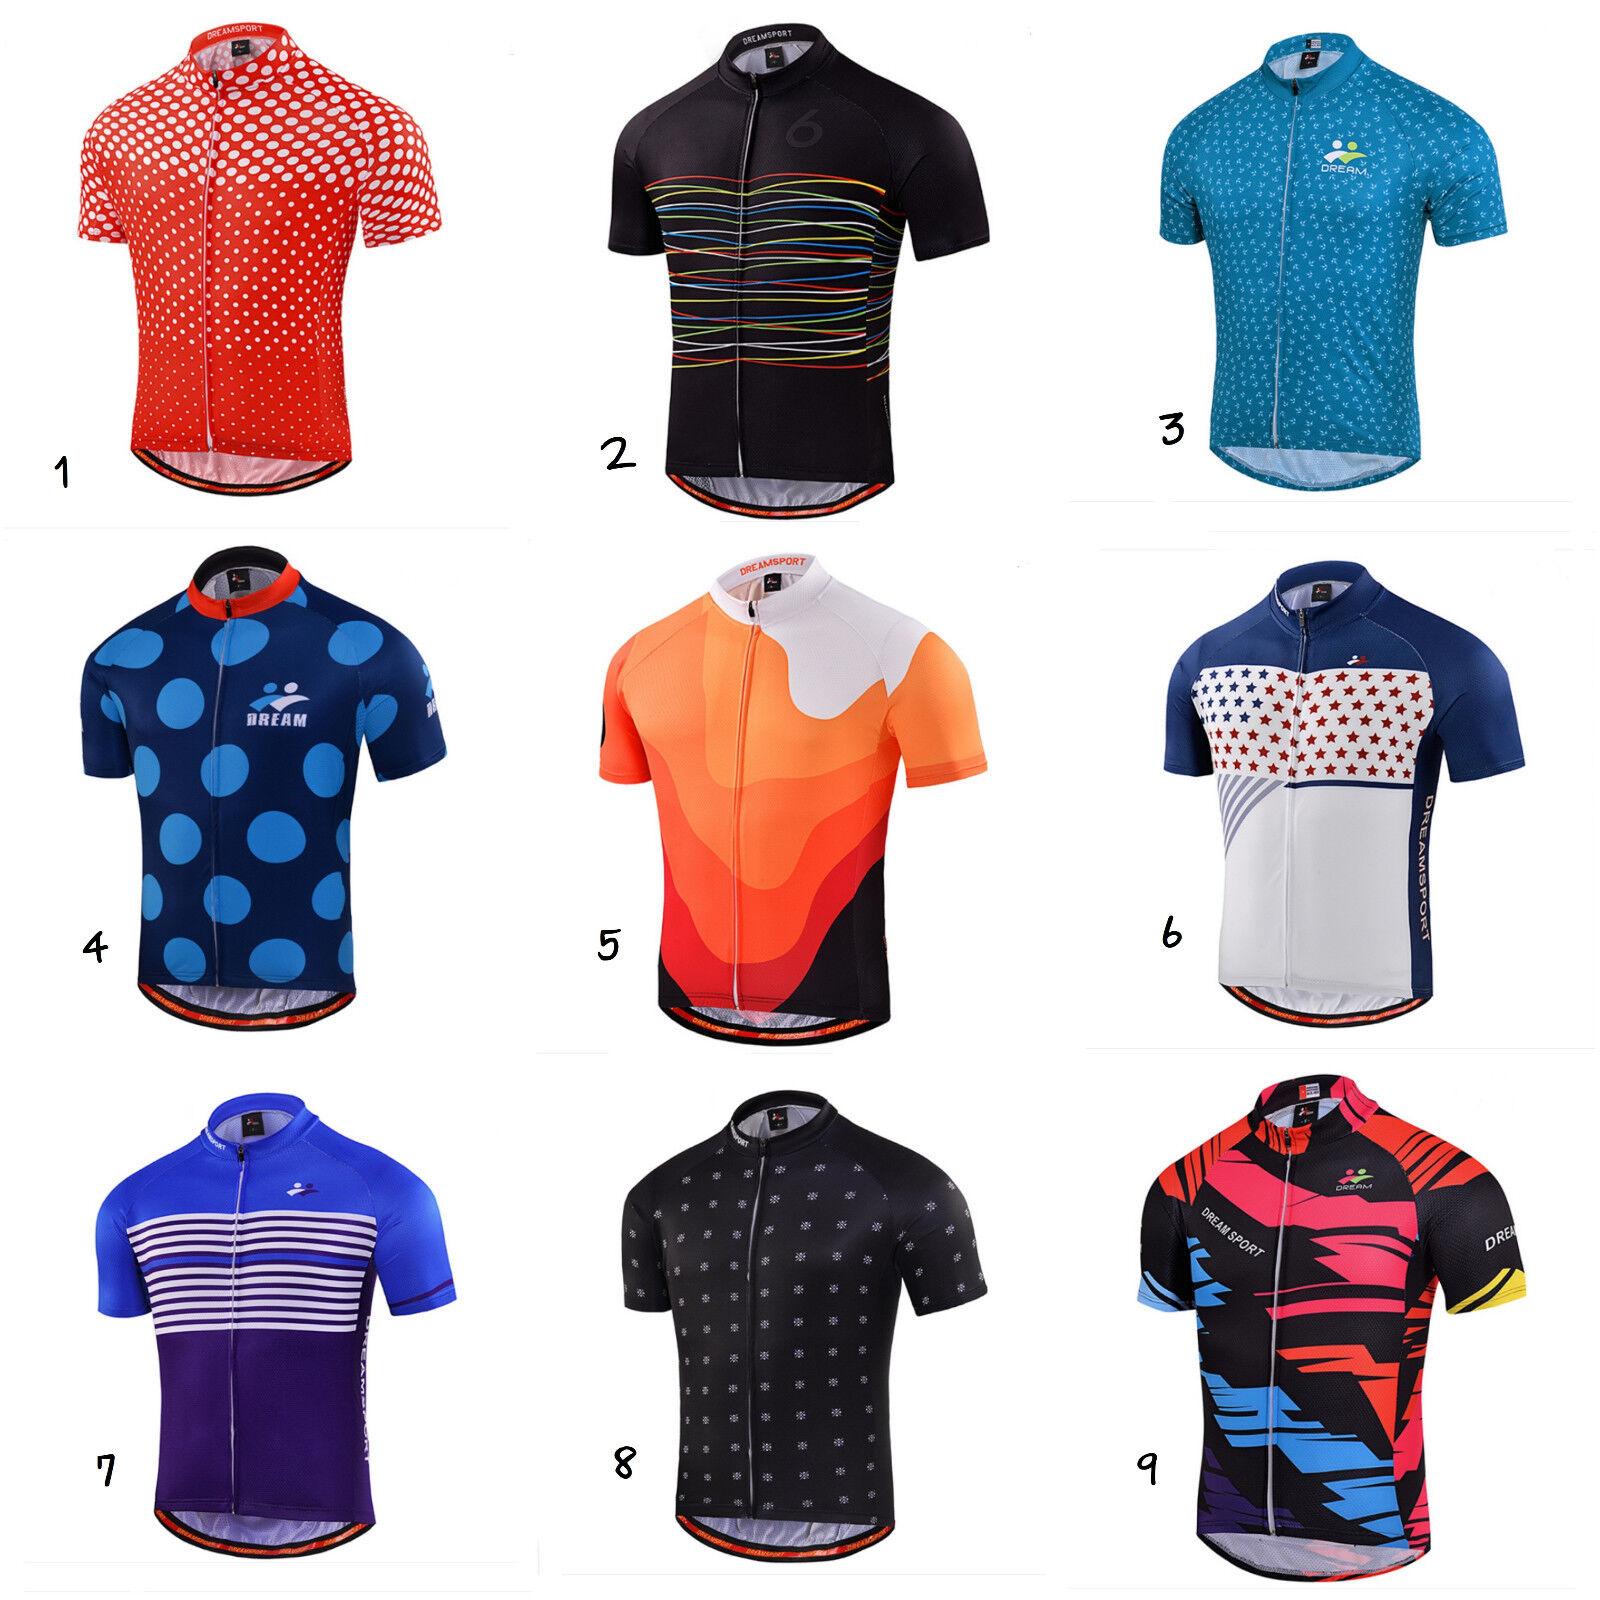 Completo Ciclismo maglietta e salopette Bike Bib MTB maglia bici divisa corsa